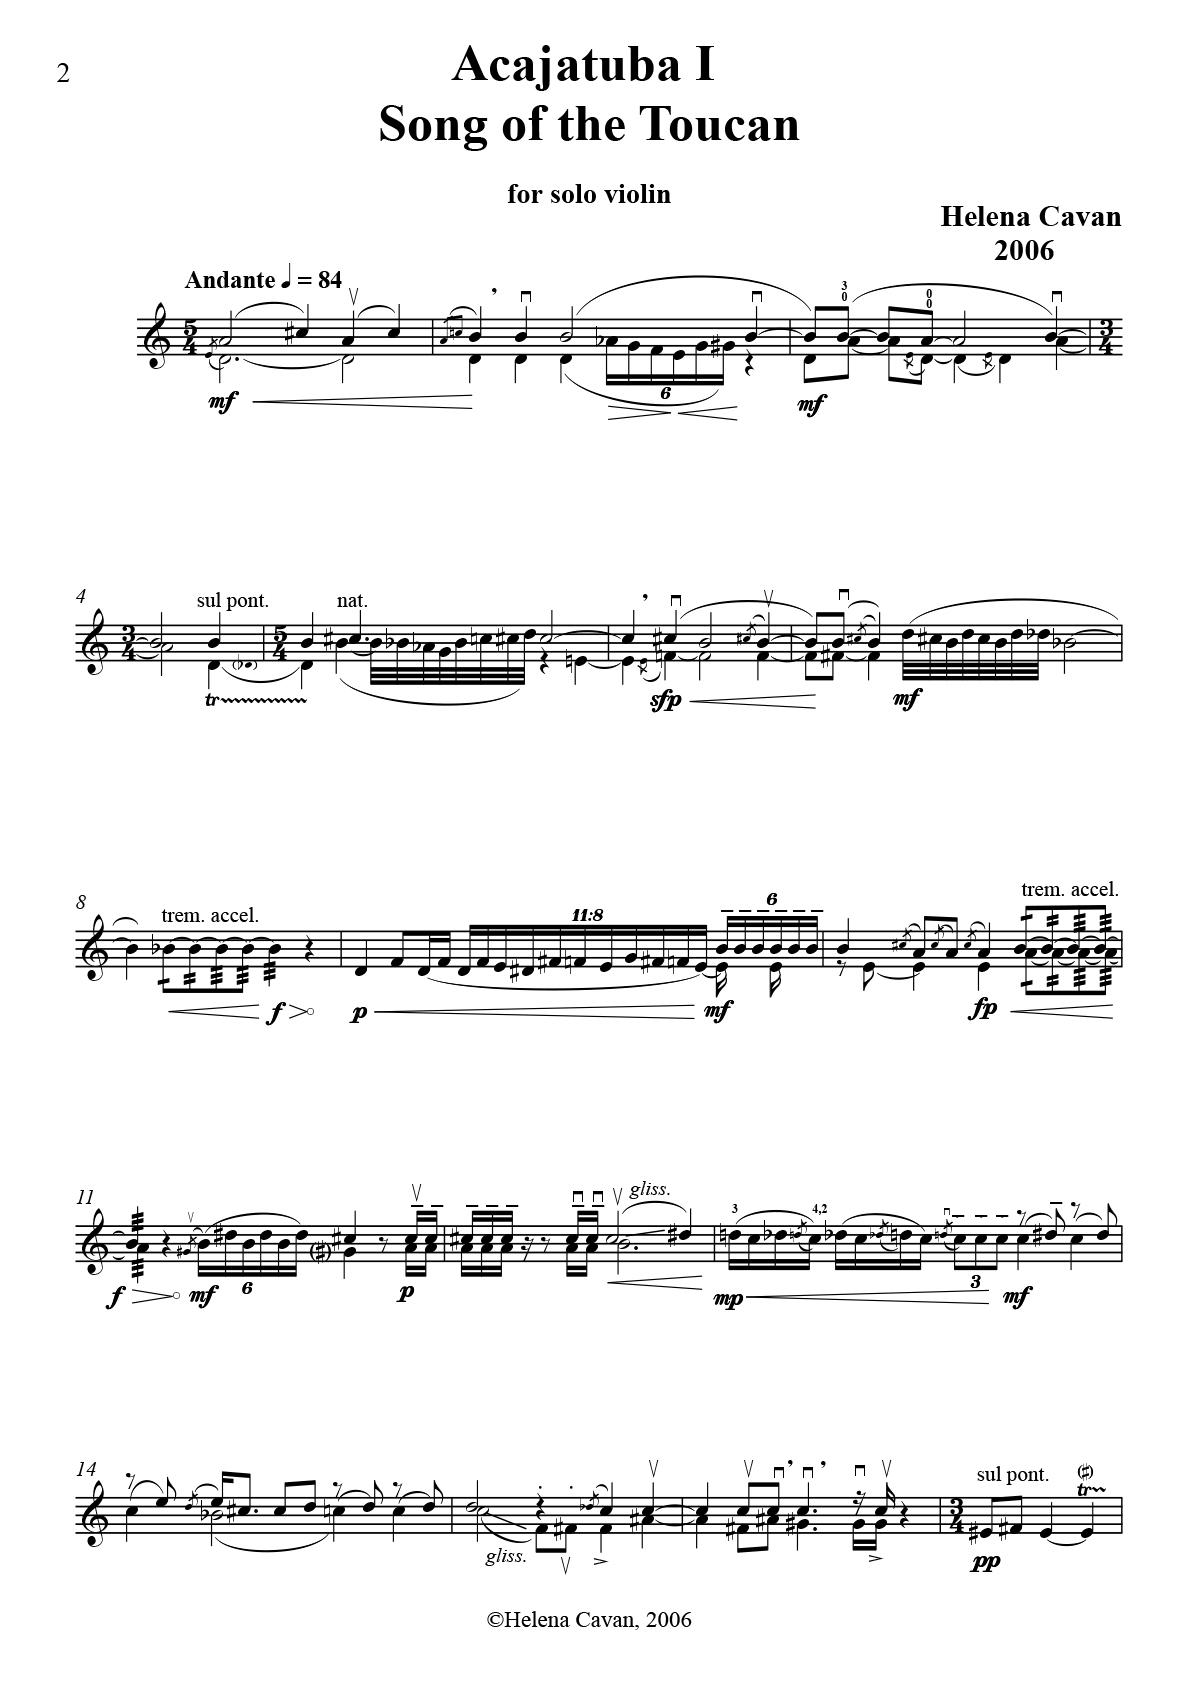 Acajatuba I Song of the Toucan-1.jpg